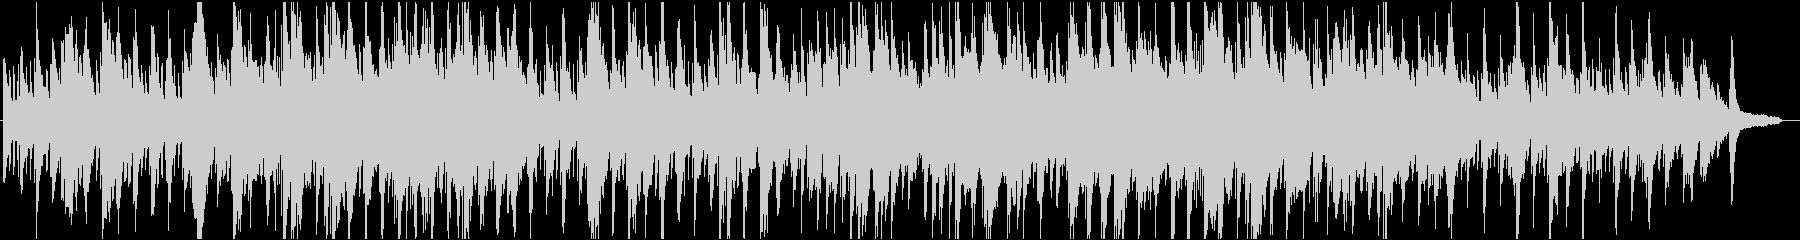 代替案 ポップ 現代的 交響曲 室...の未再生の波形